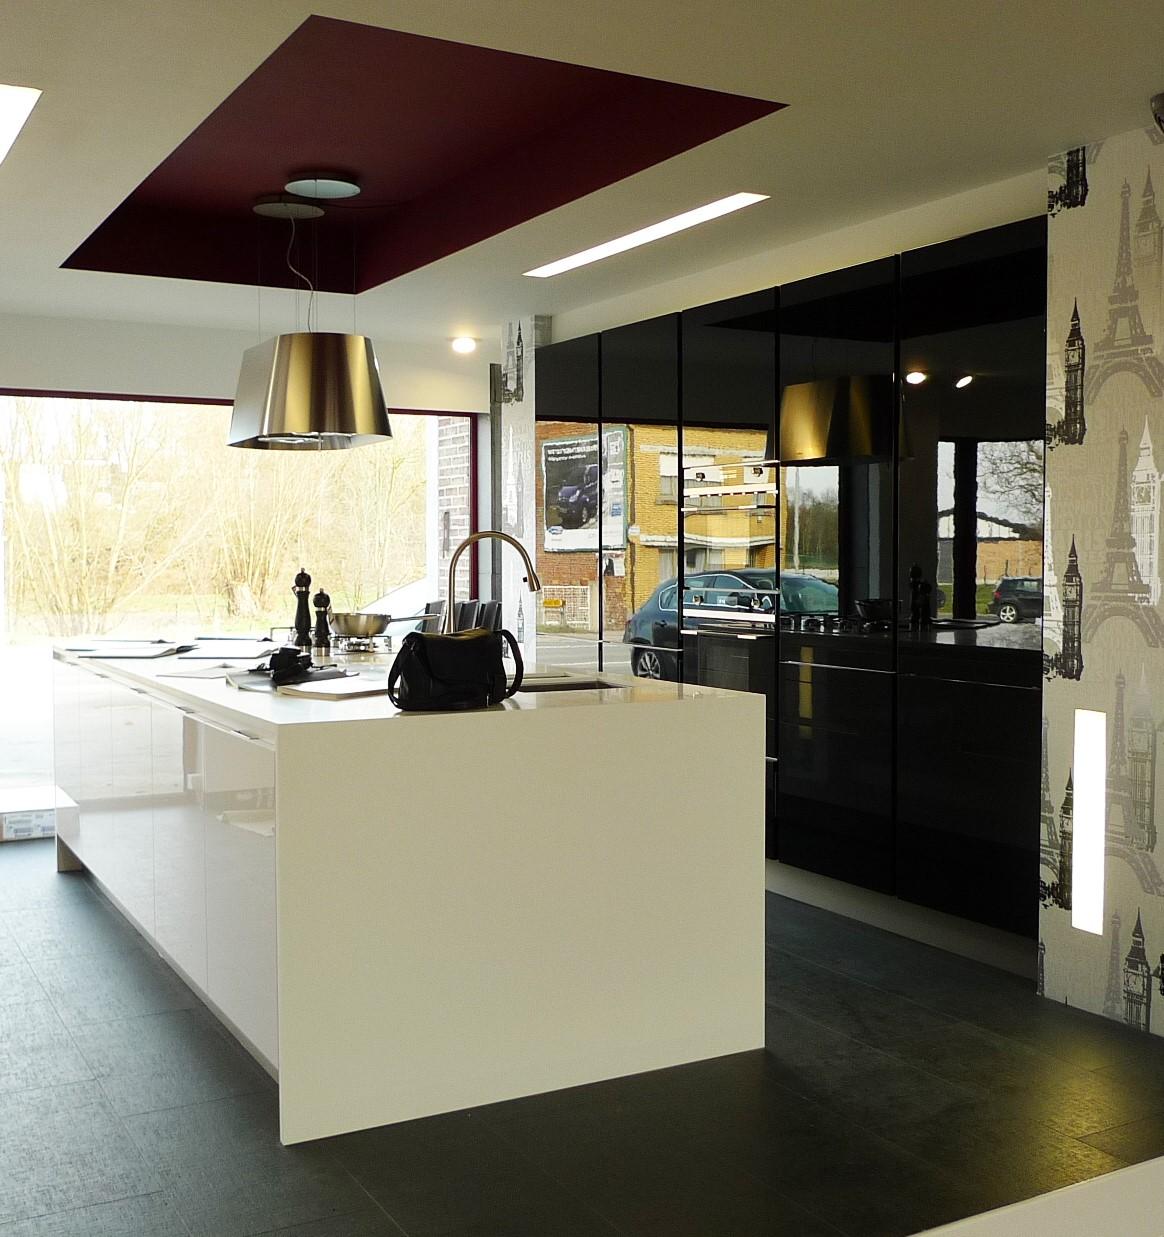 Project studio italiaanse design keukens comprex antwerpen kaaien - Keuken design werkblad ...